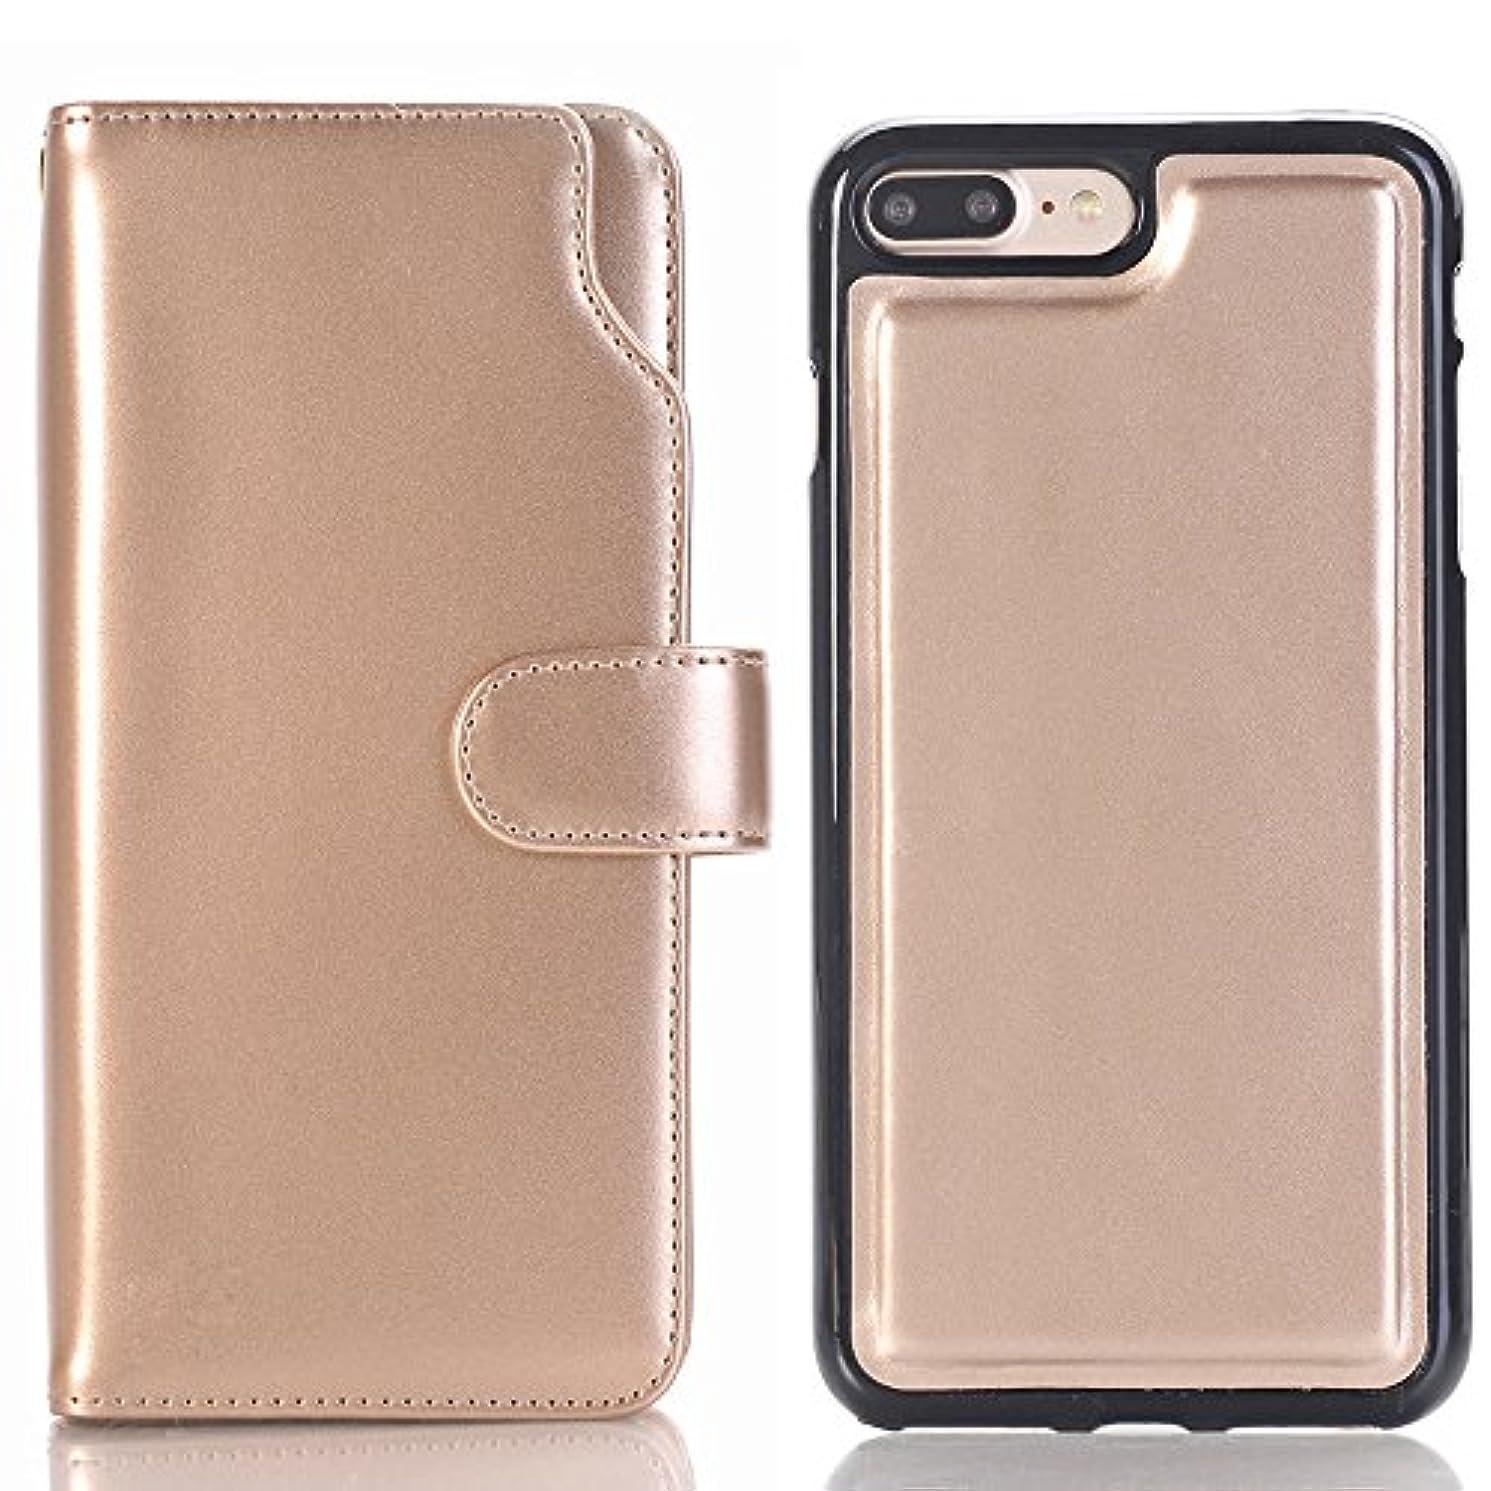 奇跡的な一見咳iPhone 6 Plus ケース 分離可能、SIMPLE DO 良質レザー おしゃれデザイン カード収納 傷つけ防止 業務用(ゴールド)